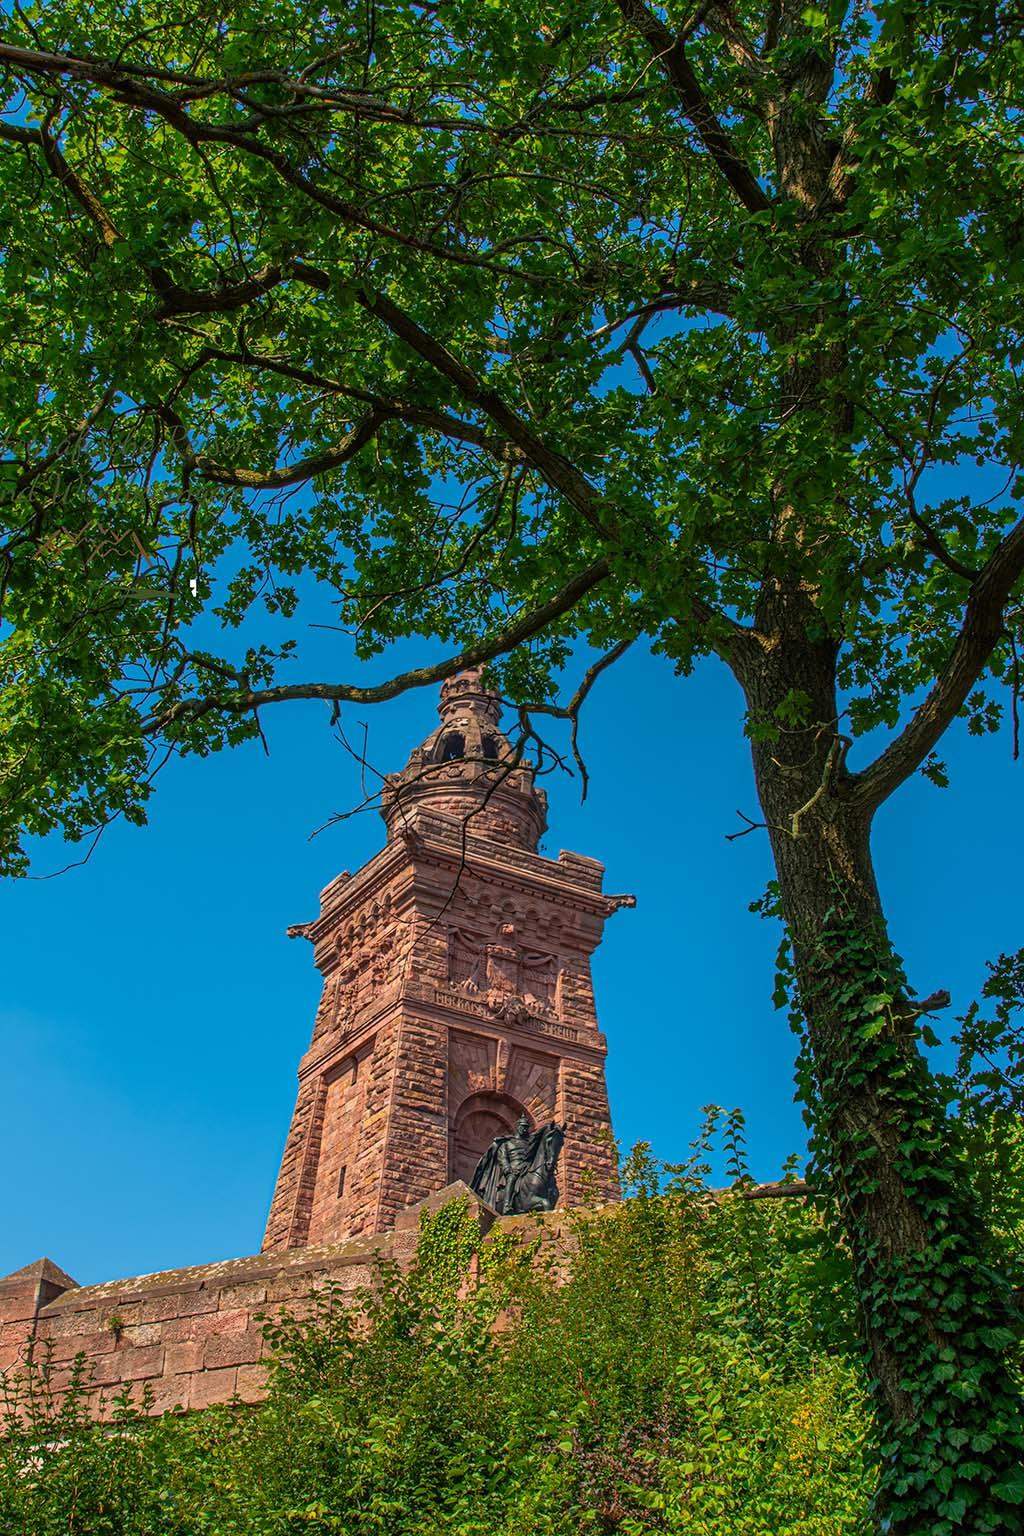 Das Kyffhäuser Denkmal